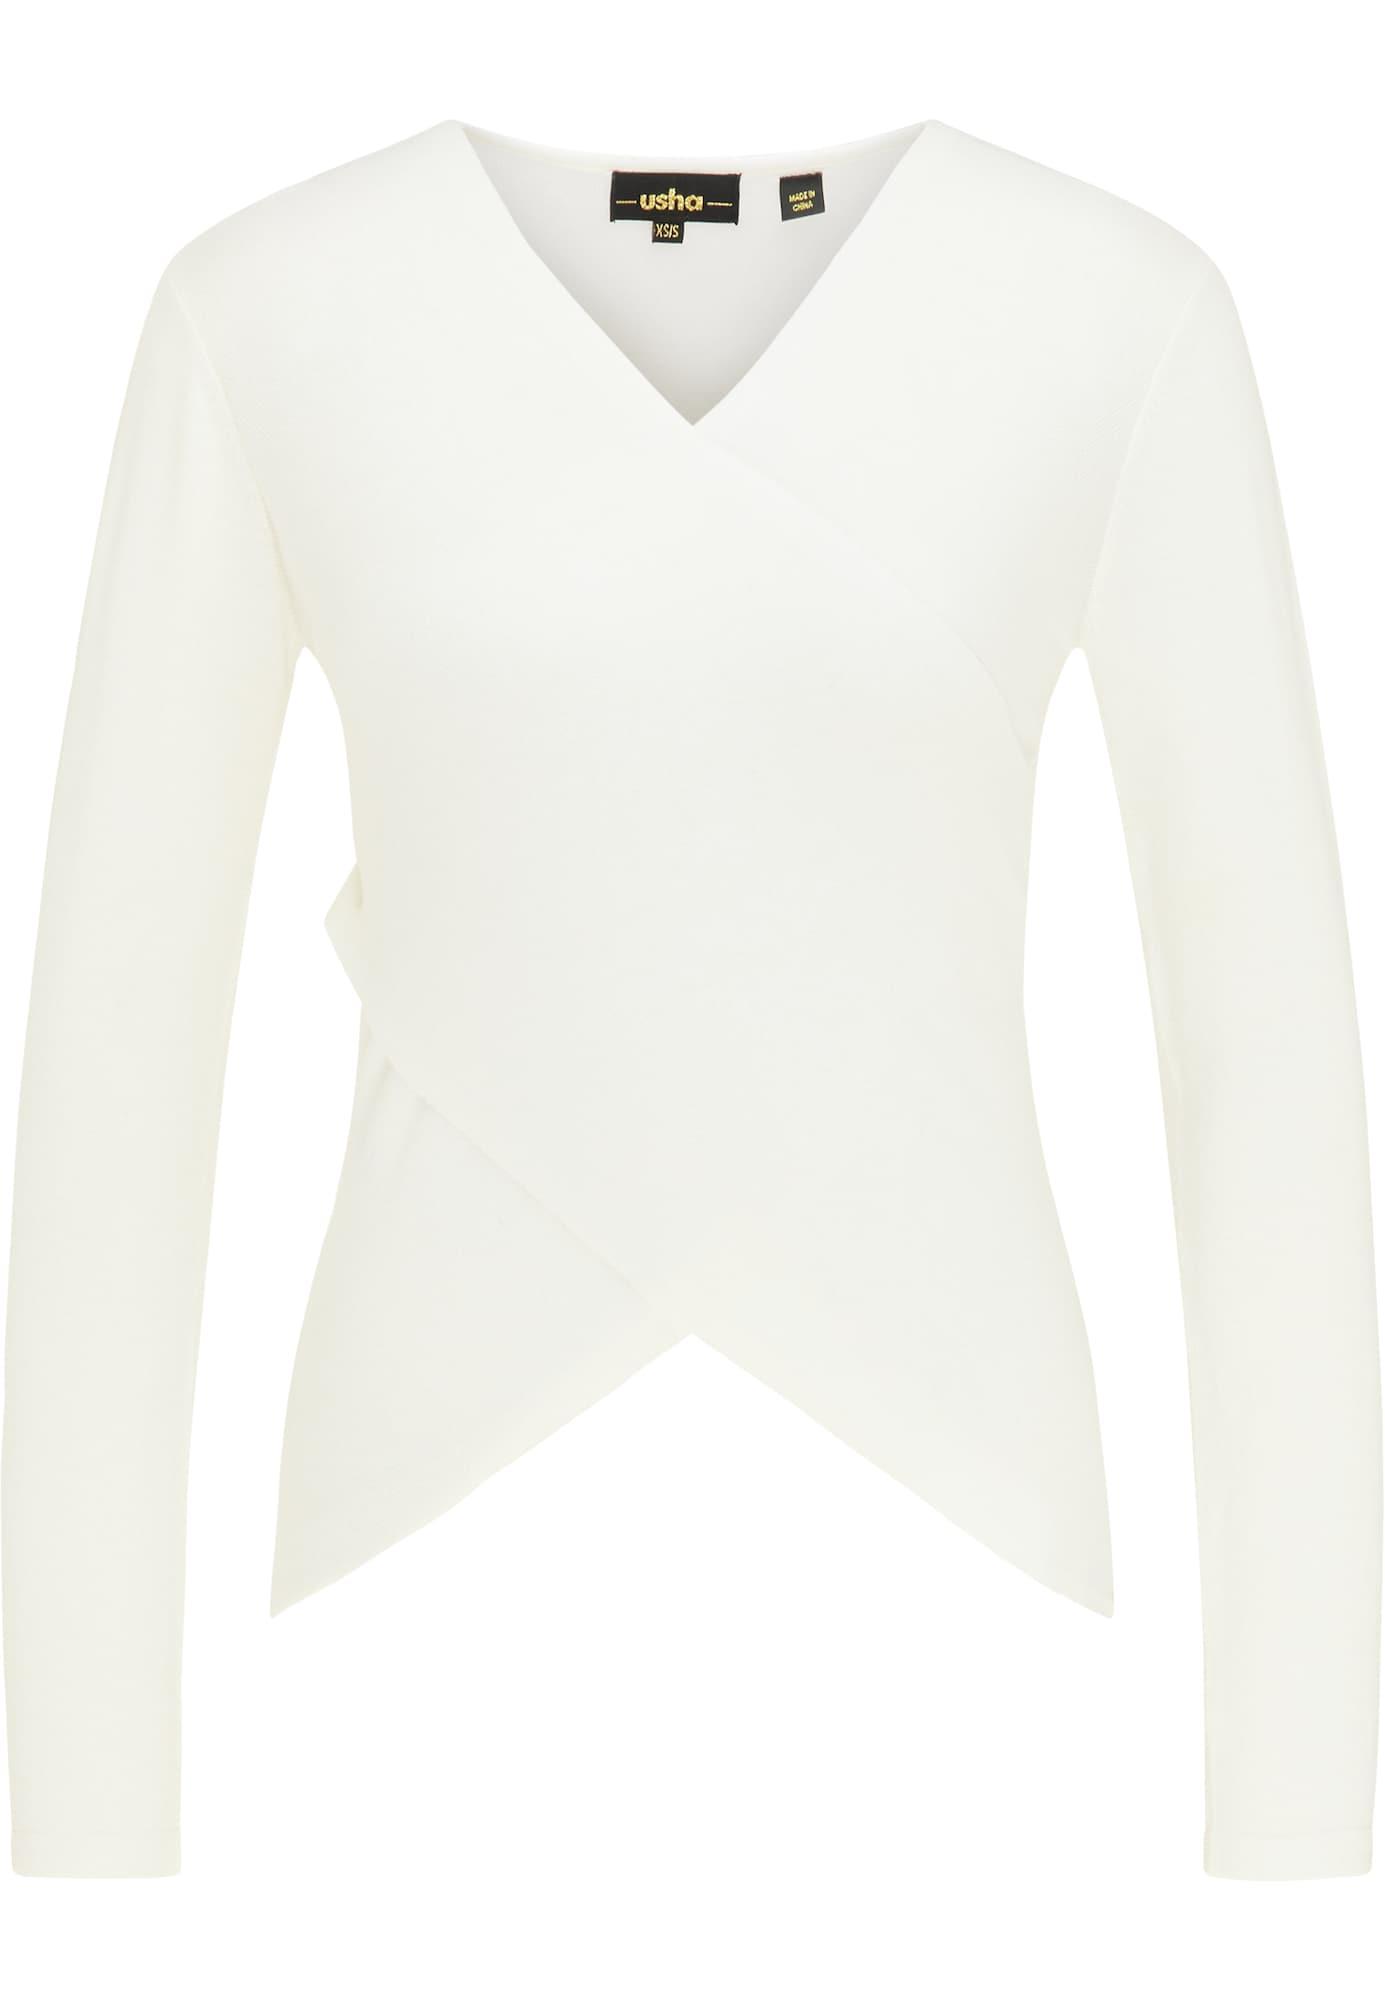 usha BLACK LABEL Megztinis balta